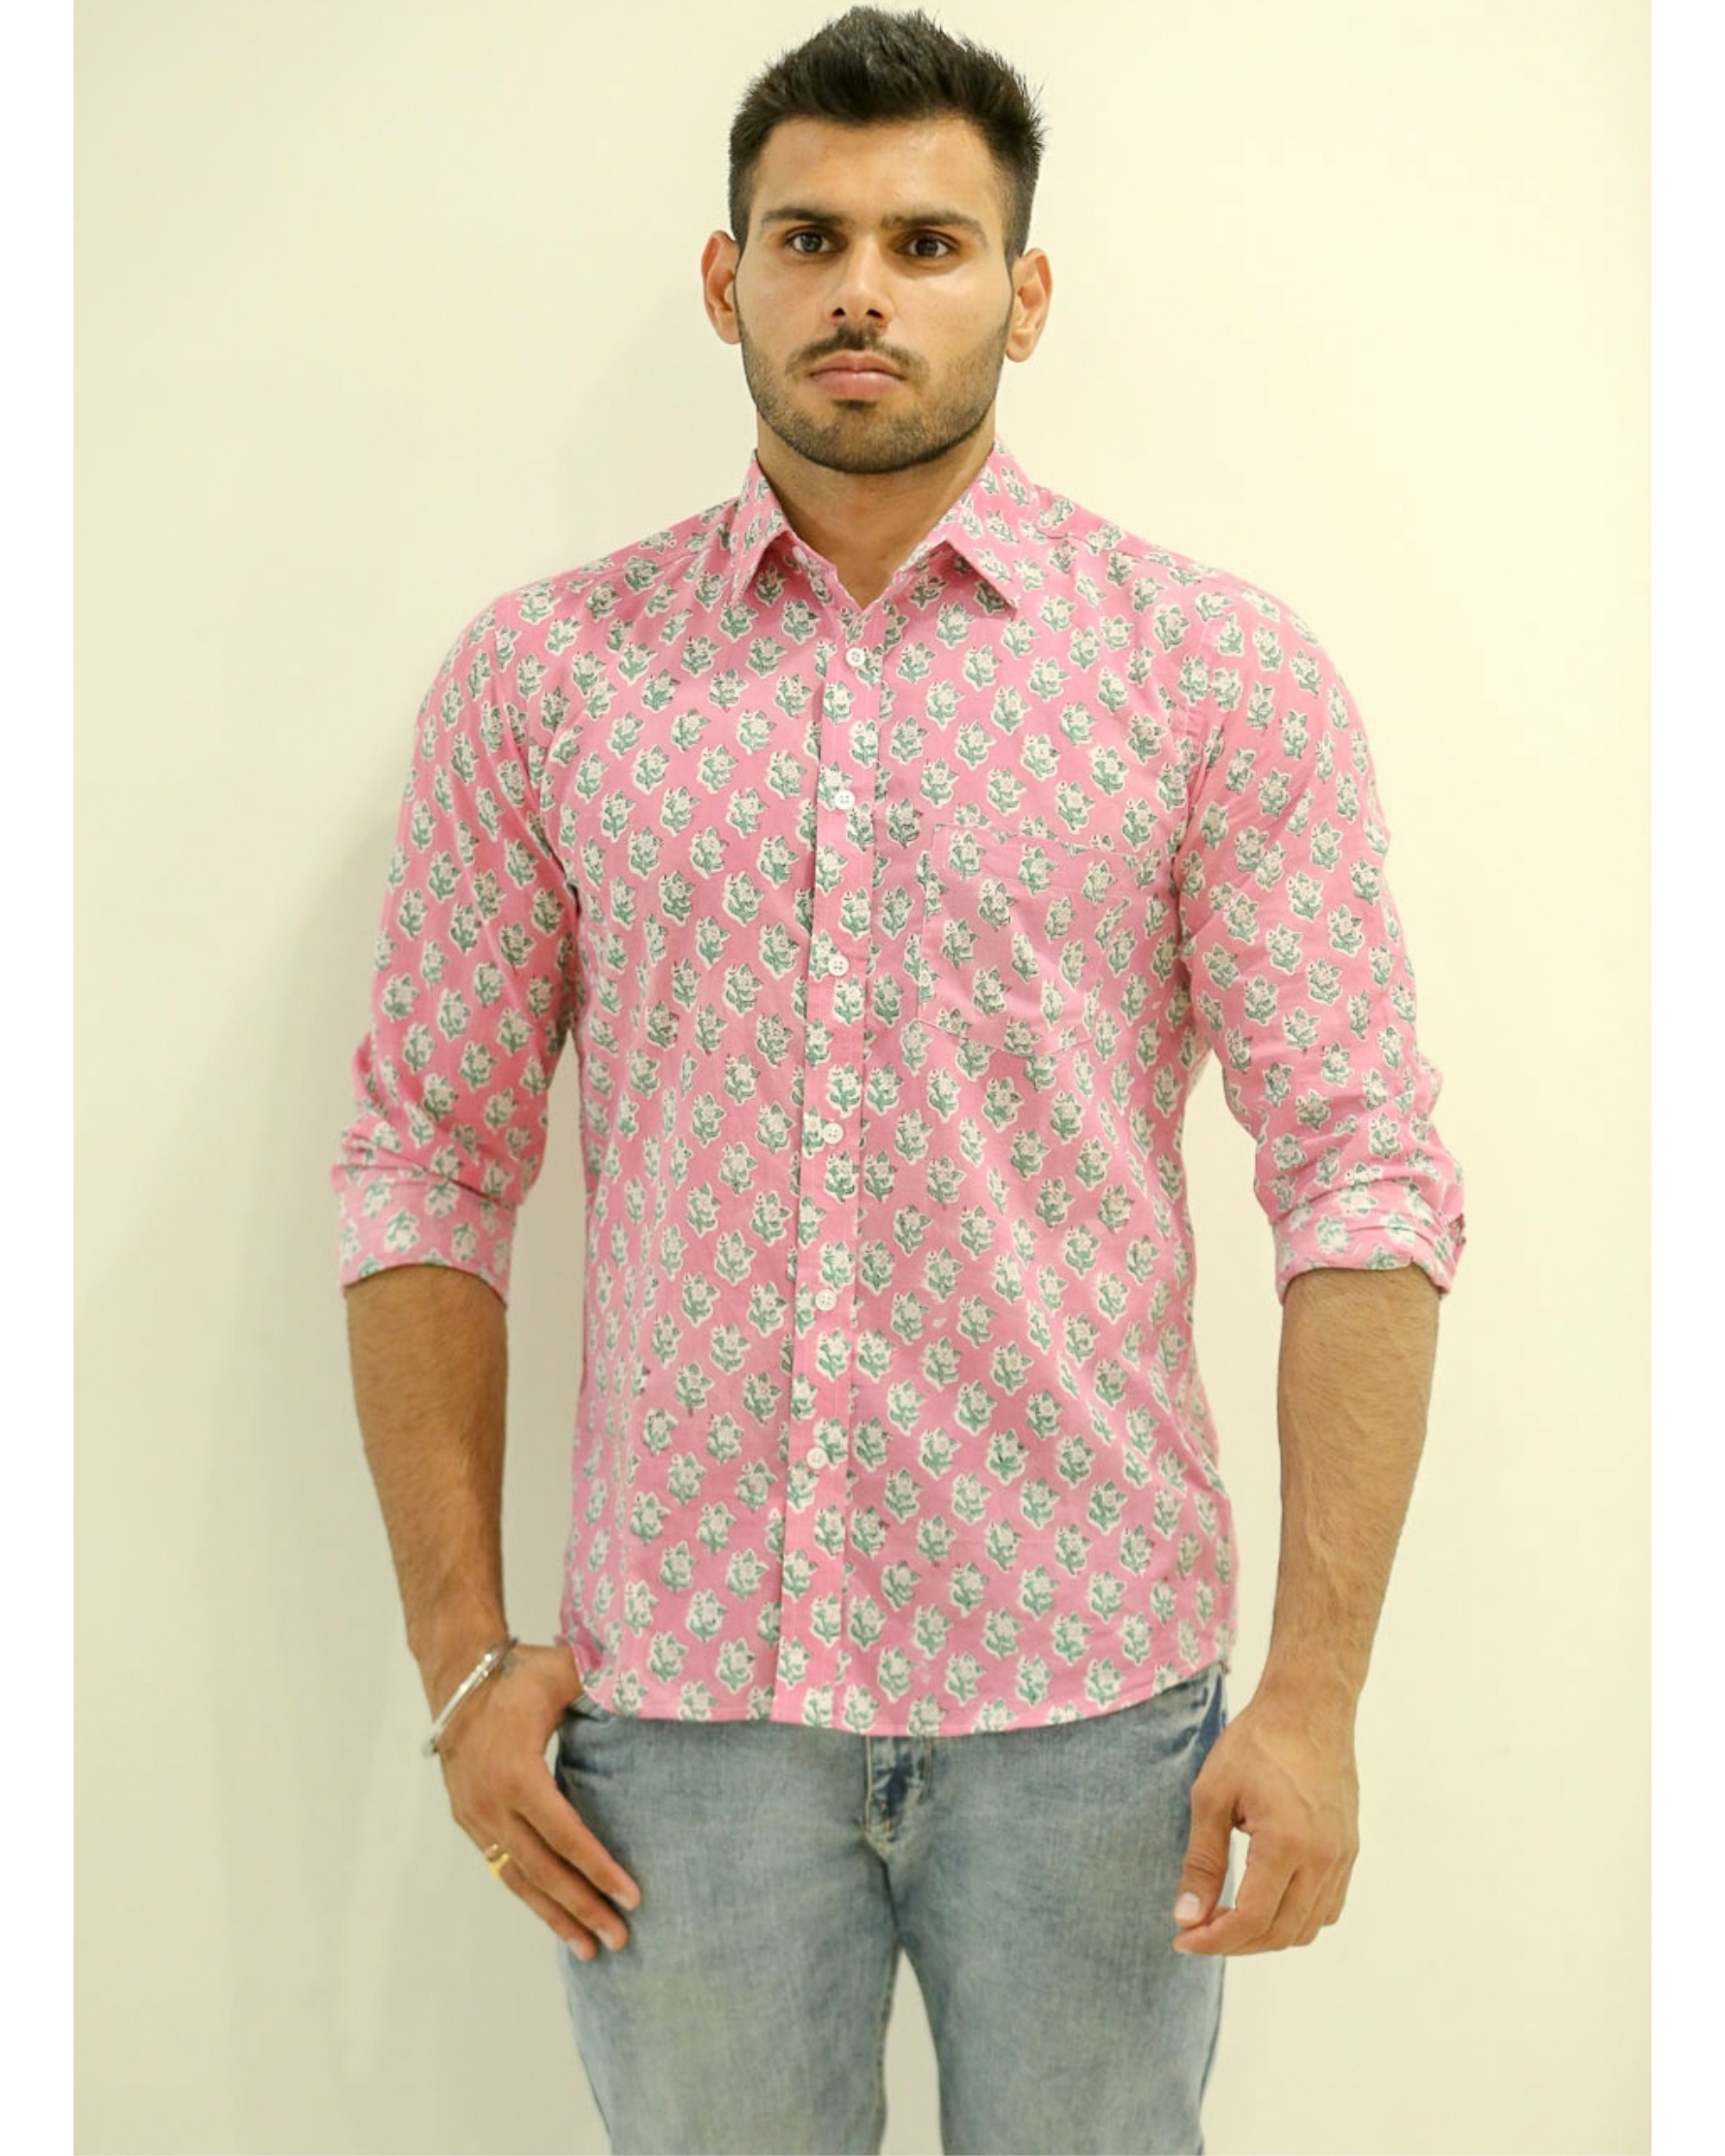 Blush Pink Floral Printed Shirt